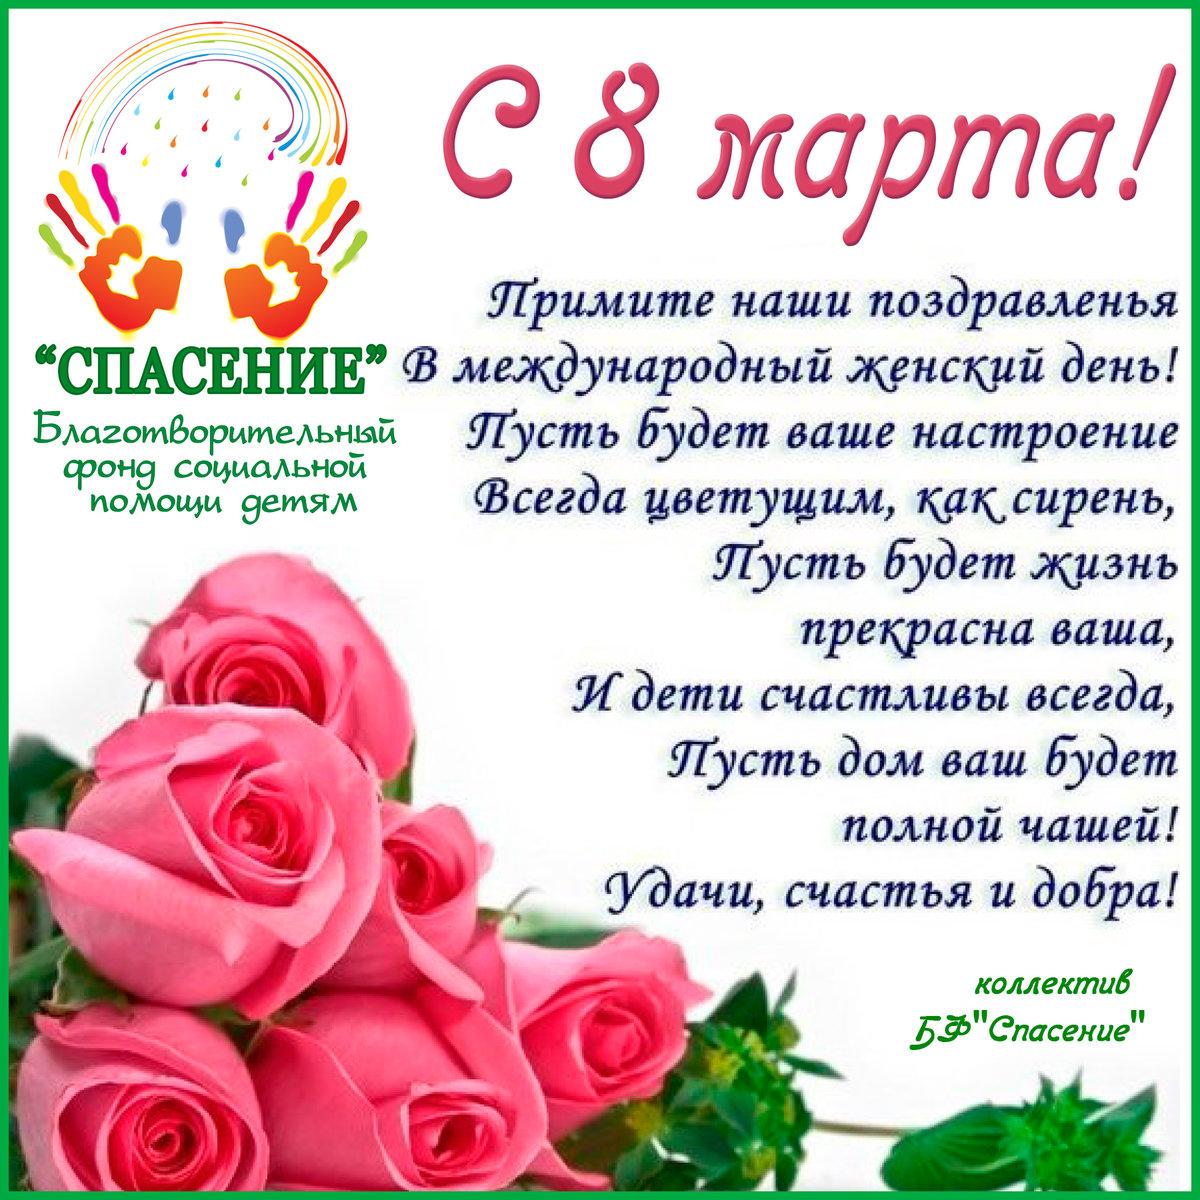 Поздравления к 8 марта в словах